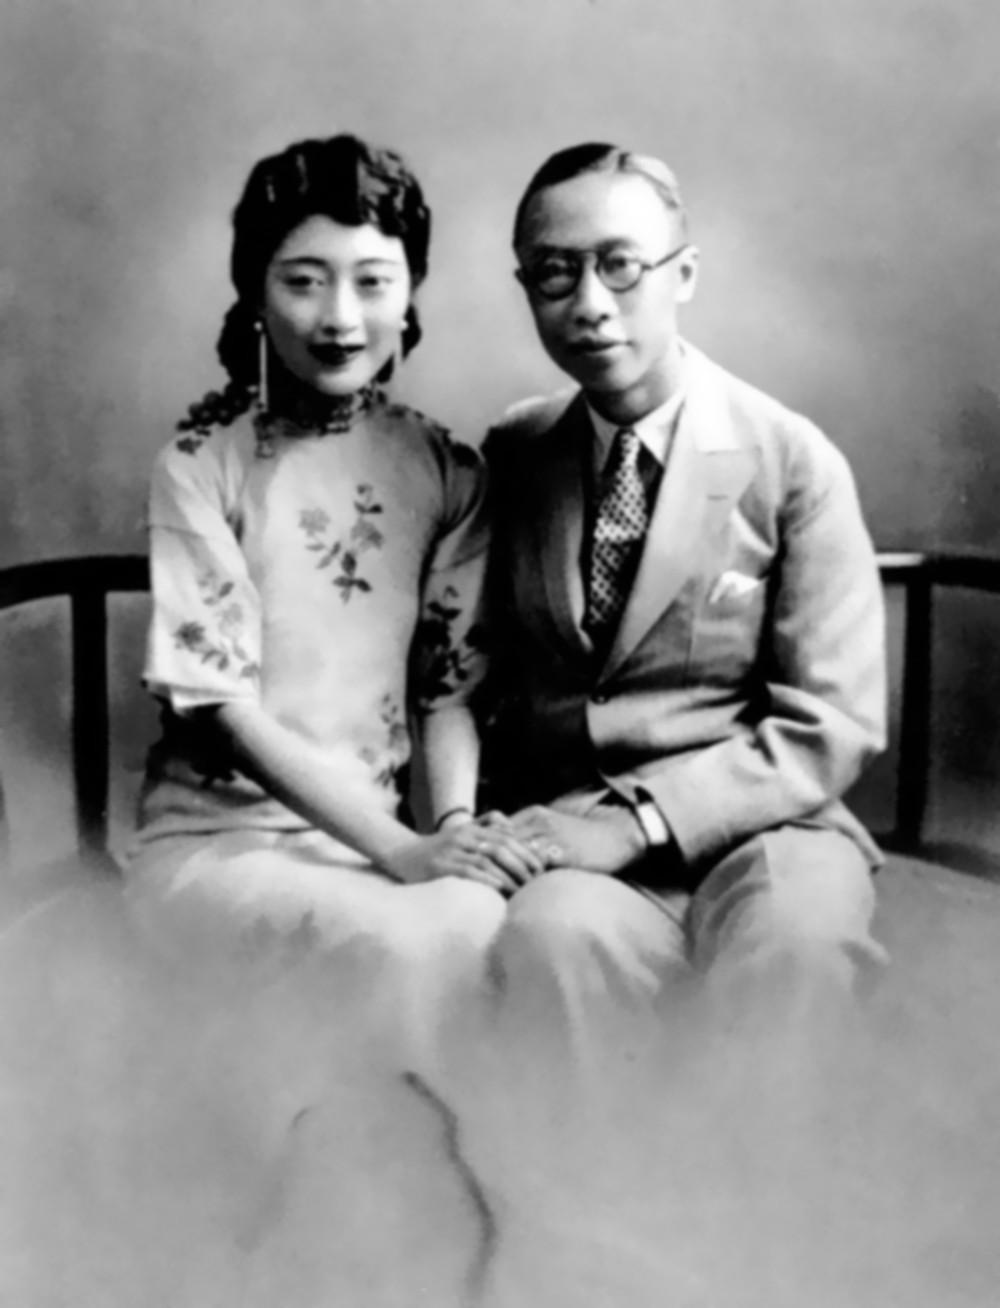 【地平线下的陈设】旗袍知多少_溥仪和婉容.jpg